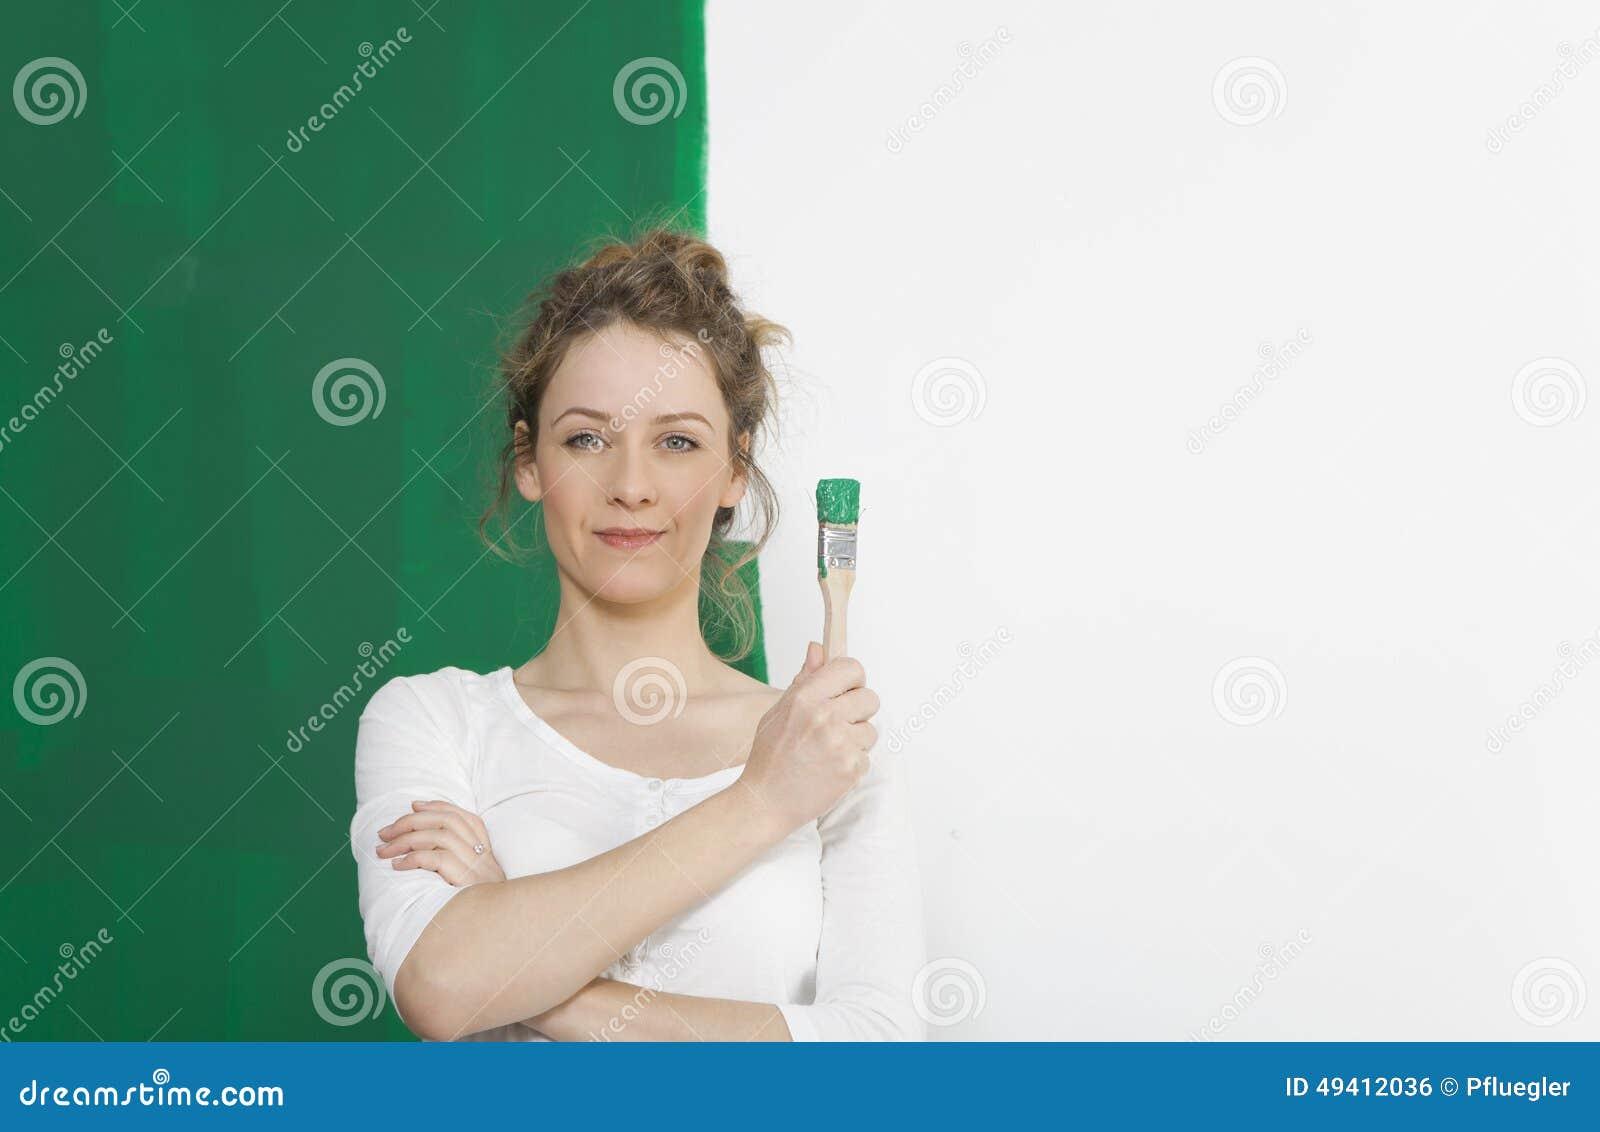 Download Frau mit grüner Bürste stockfoto. Bild von mädchen, person - 49412036